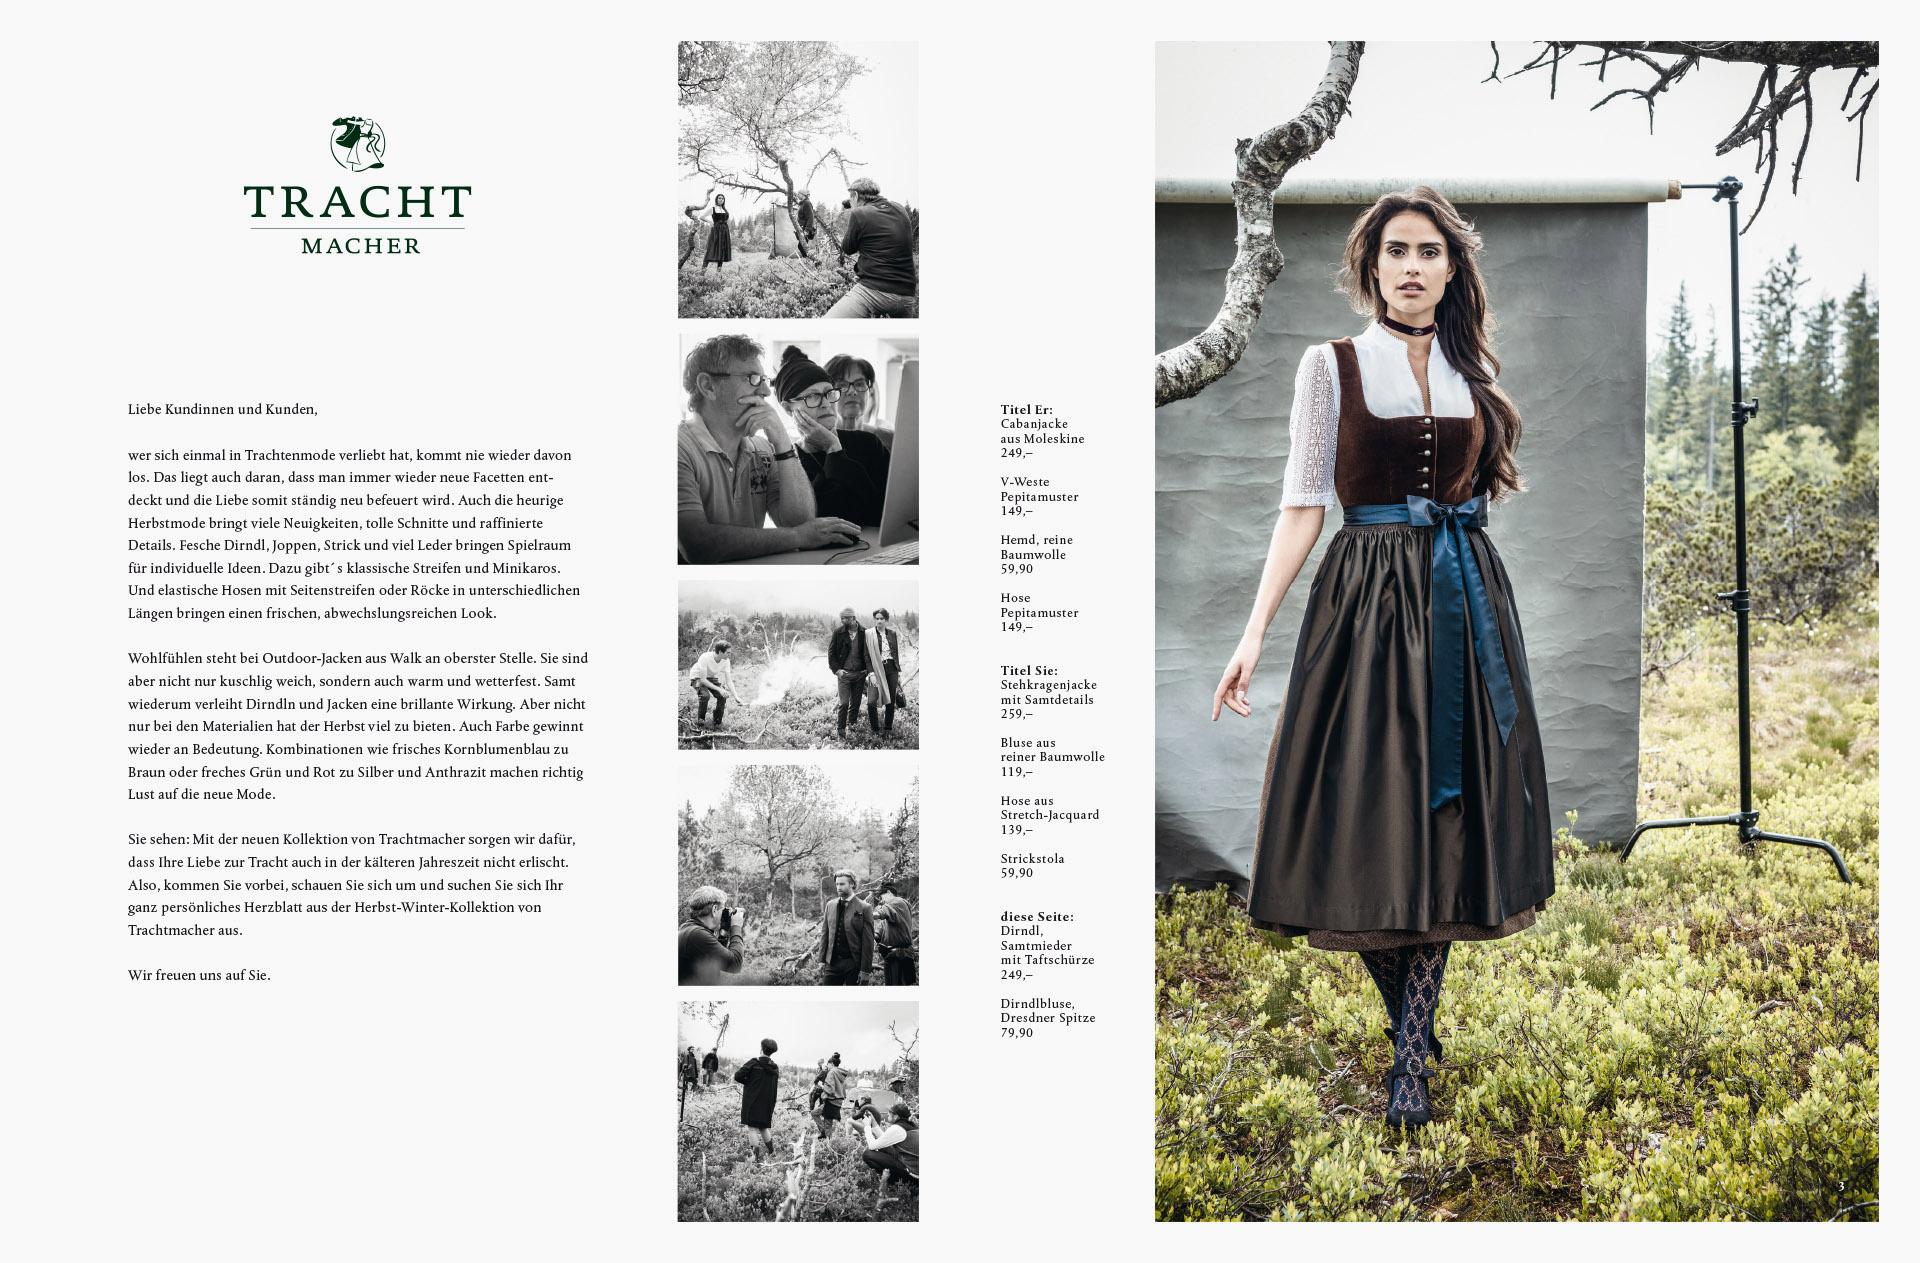 Fotowerk Modefotografie - erste Seite des Trachtmacher Prospektes